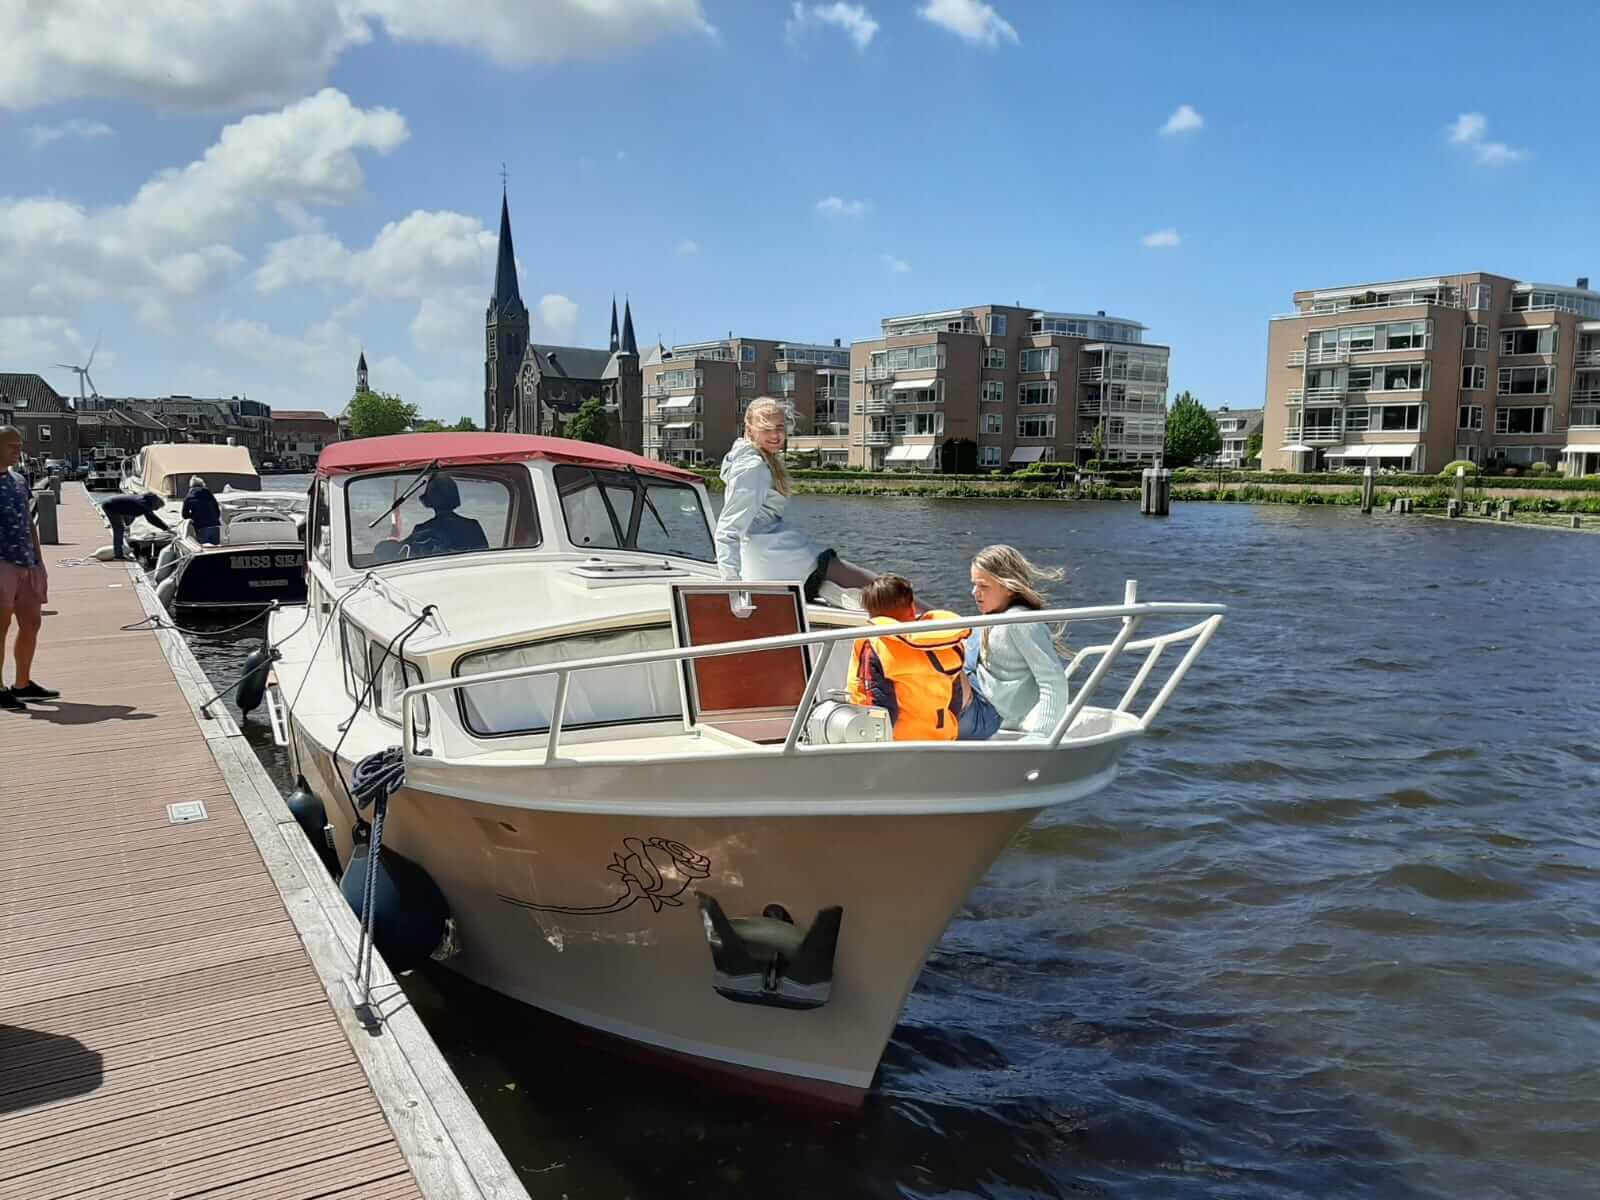 Bootverzekering vergelijken bij Depremievergelijker.nl